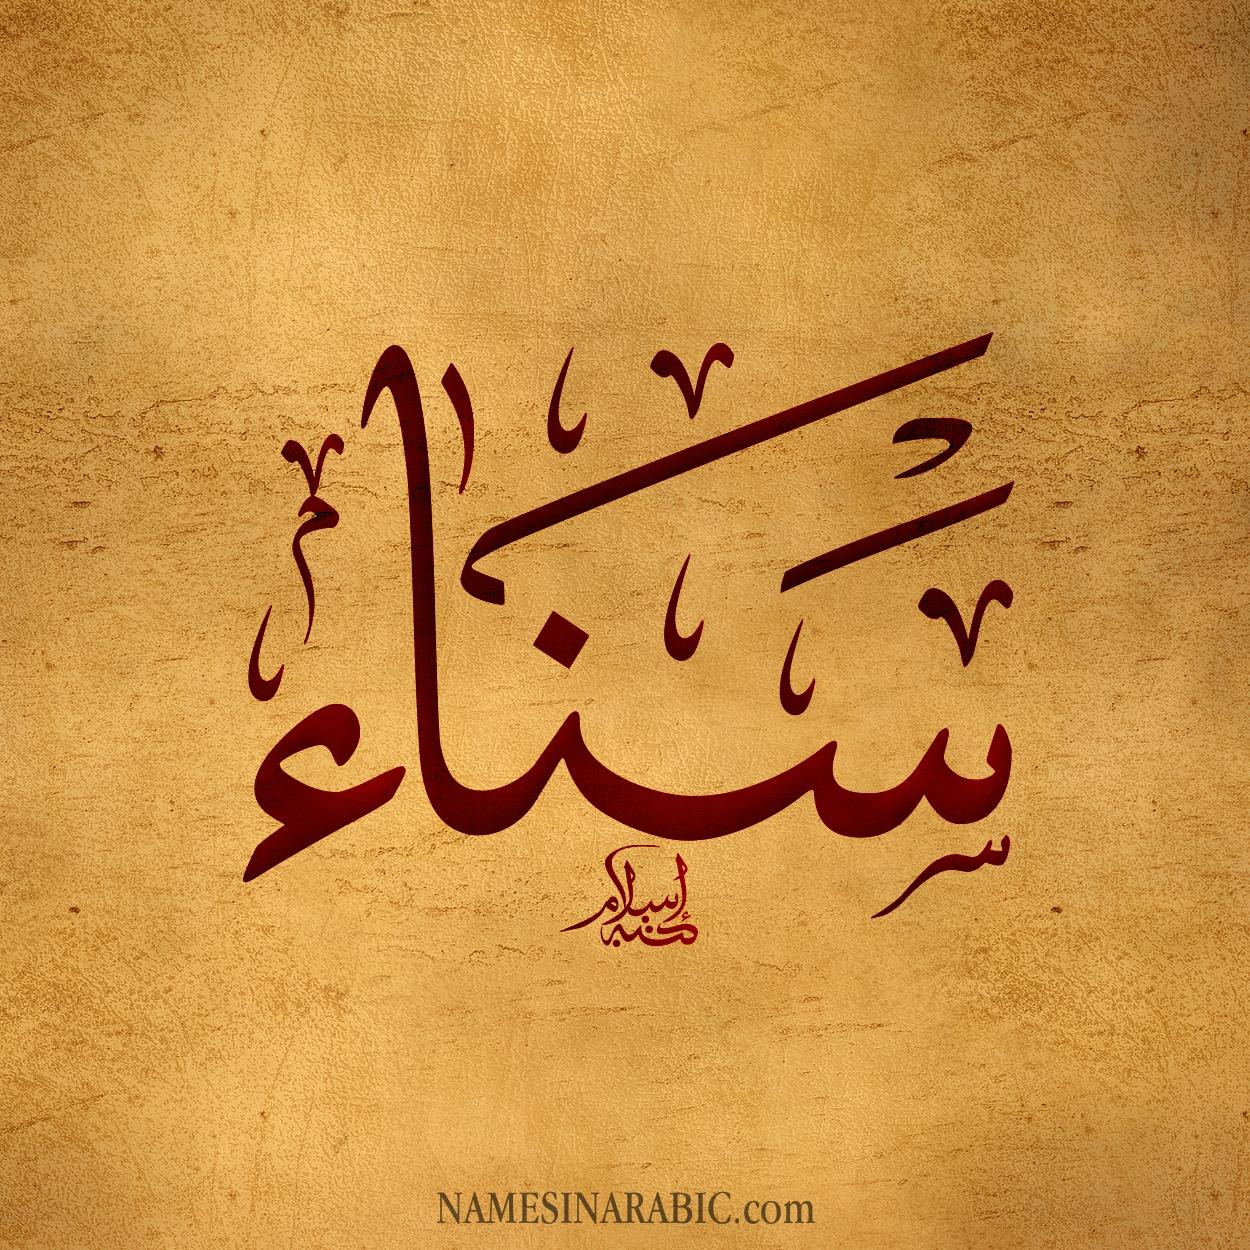 مشاهير يحملون اسم سناء و معنى اسم سناء قاموس الأسماء و المعاني